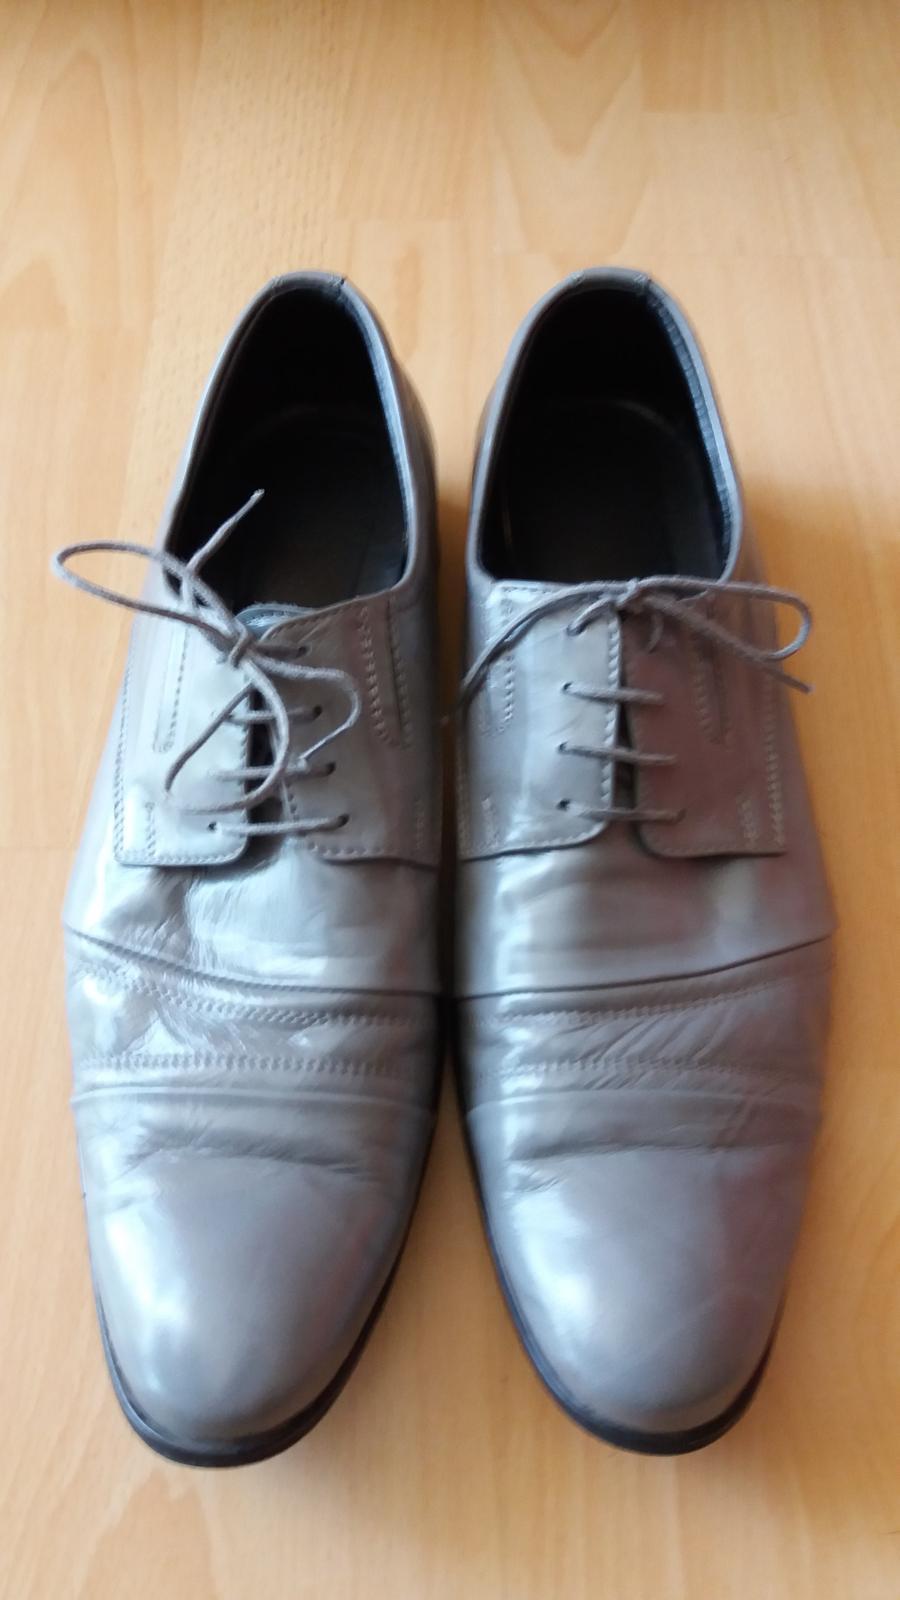 Peccini šedé kožené boty vel.43 42370492a1